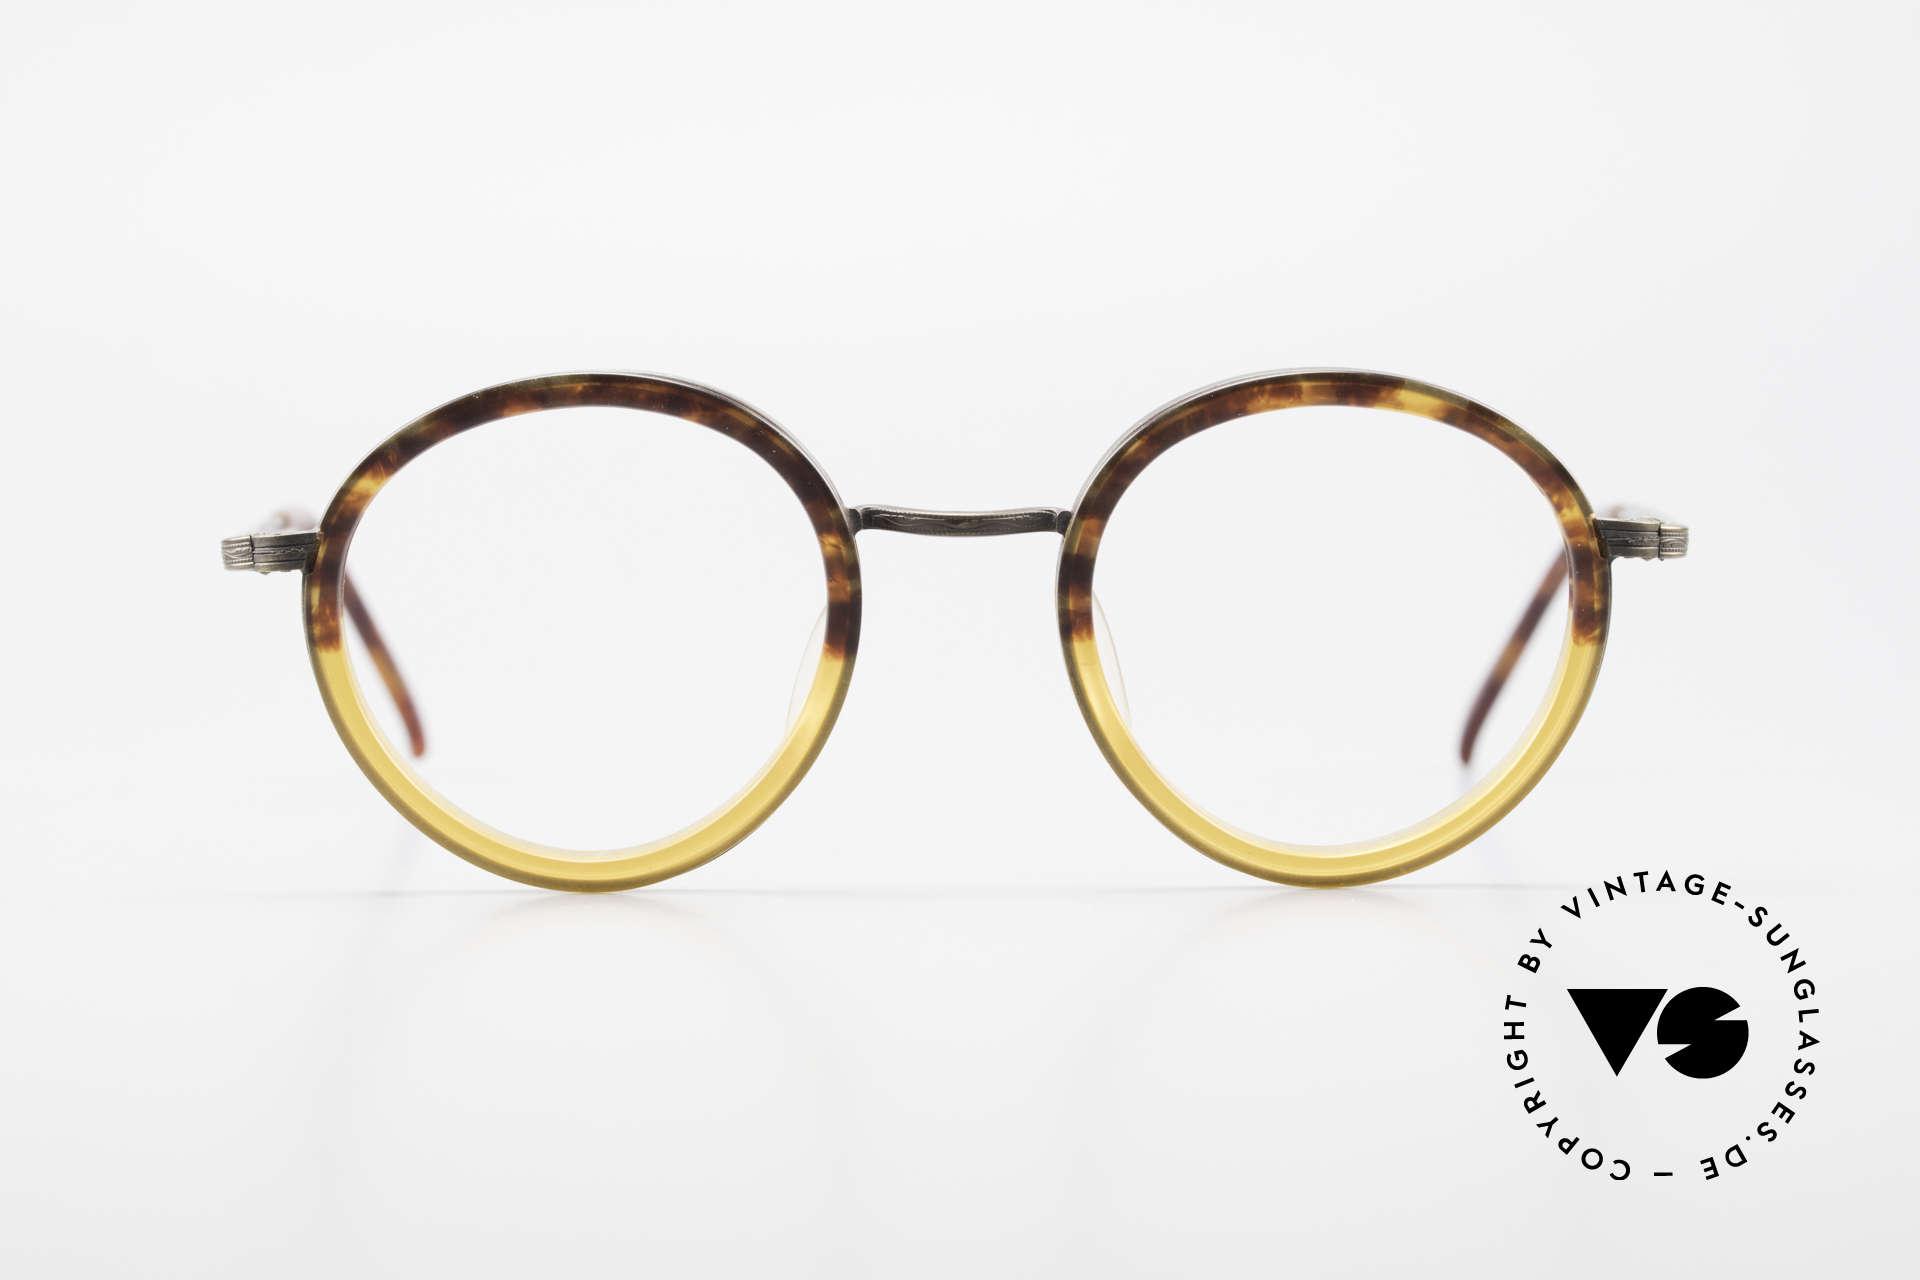 Beau Monde Rhodes Runde Alte Vintage Brille 90er, französische Name sagt alles 'Beau Monde' = schöne Welt, Passend für Herren und Damen